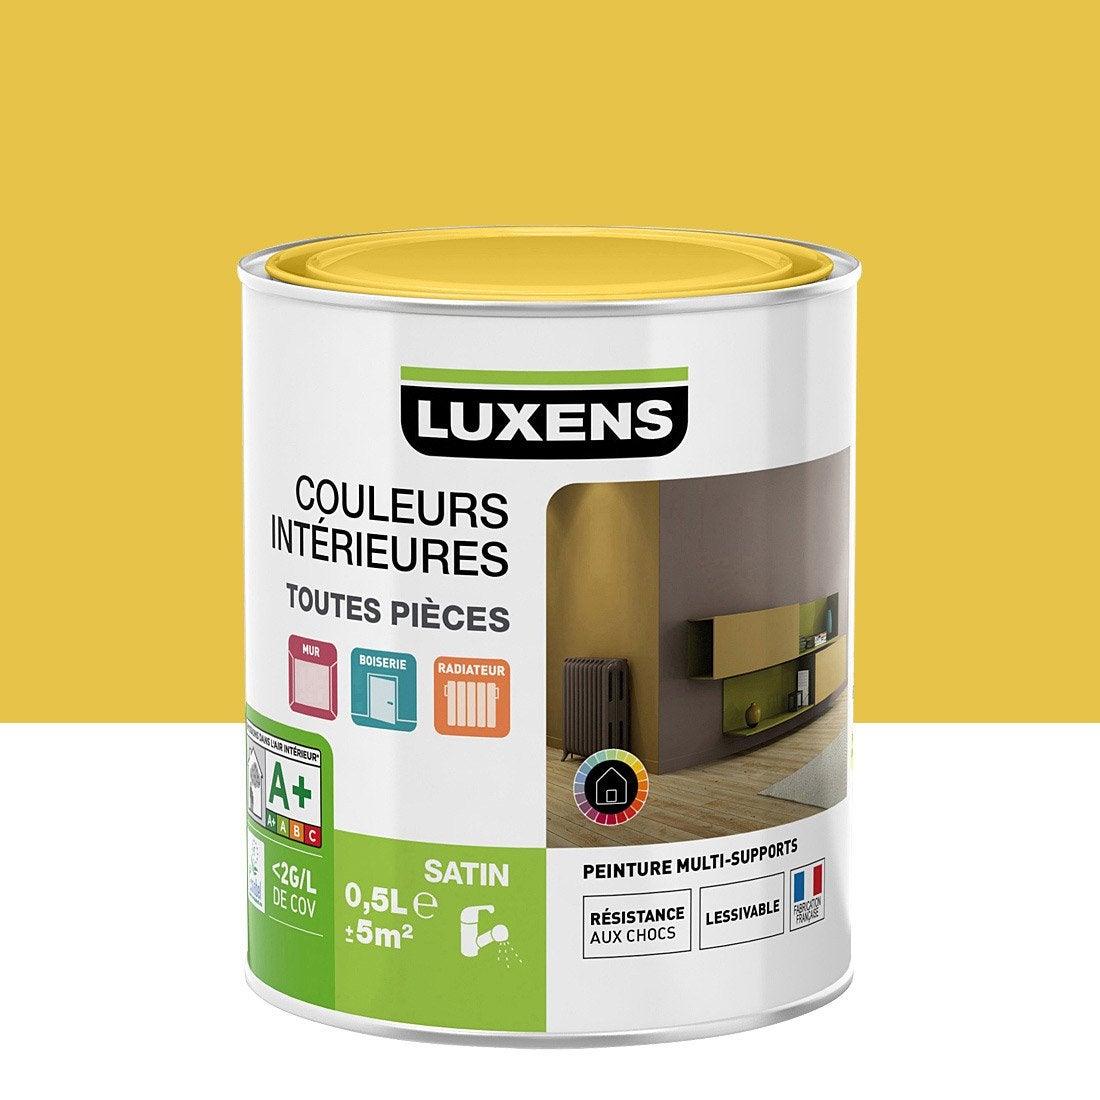 Idee Deco couleur vert anis : Peinture jaune anis 4 LUXENS Couleurs intérieures satin 0.5 l ...